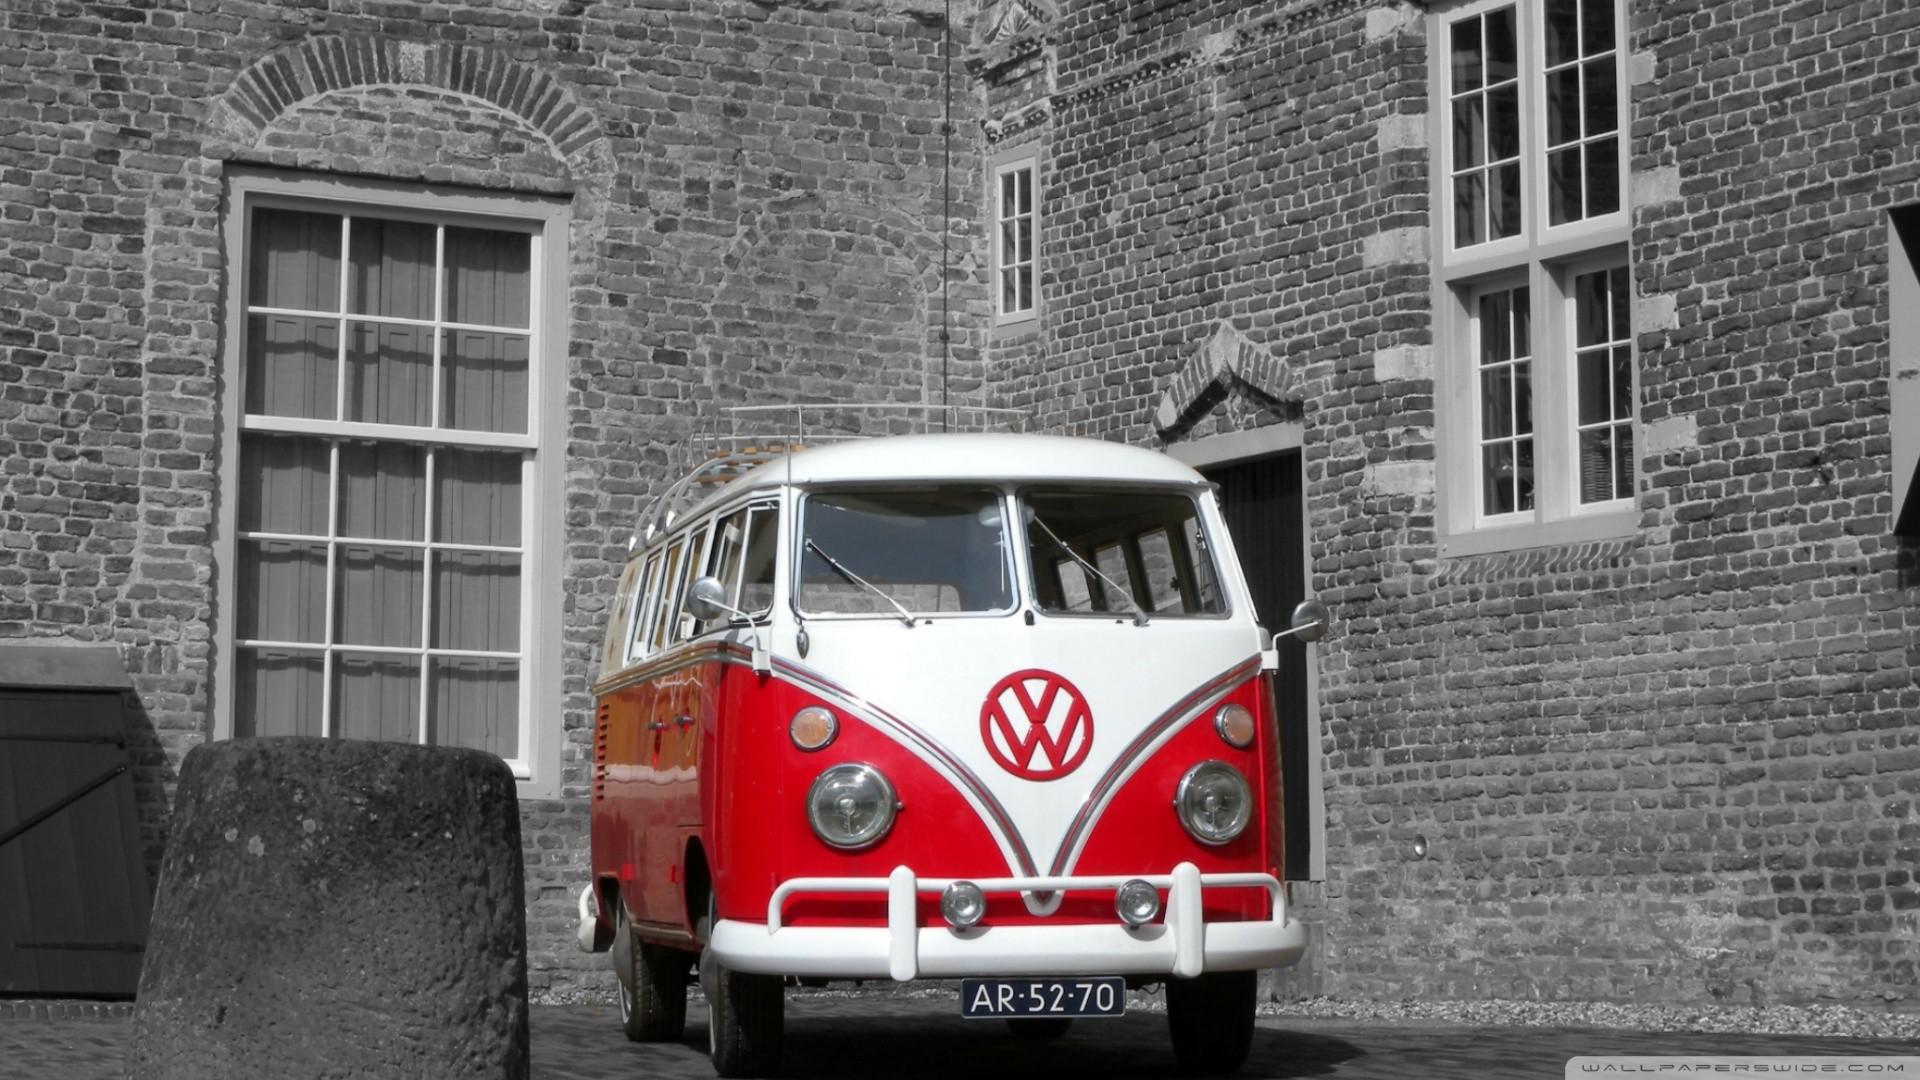 1920x1080 Volkswagen Combi Hippie Van Wallpaper 4202 Themes